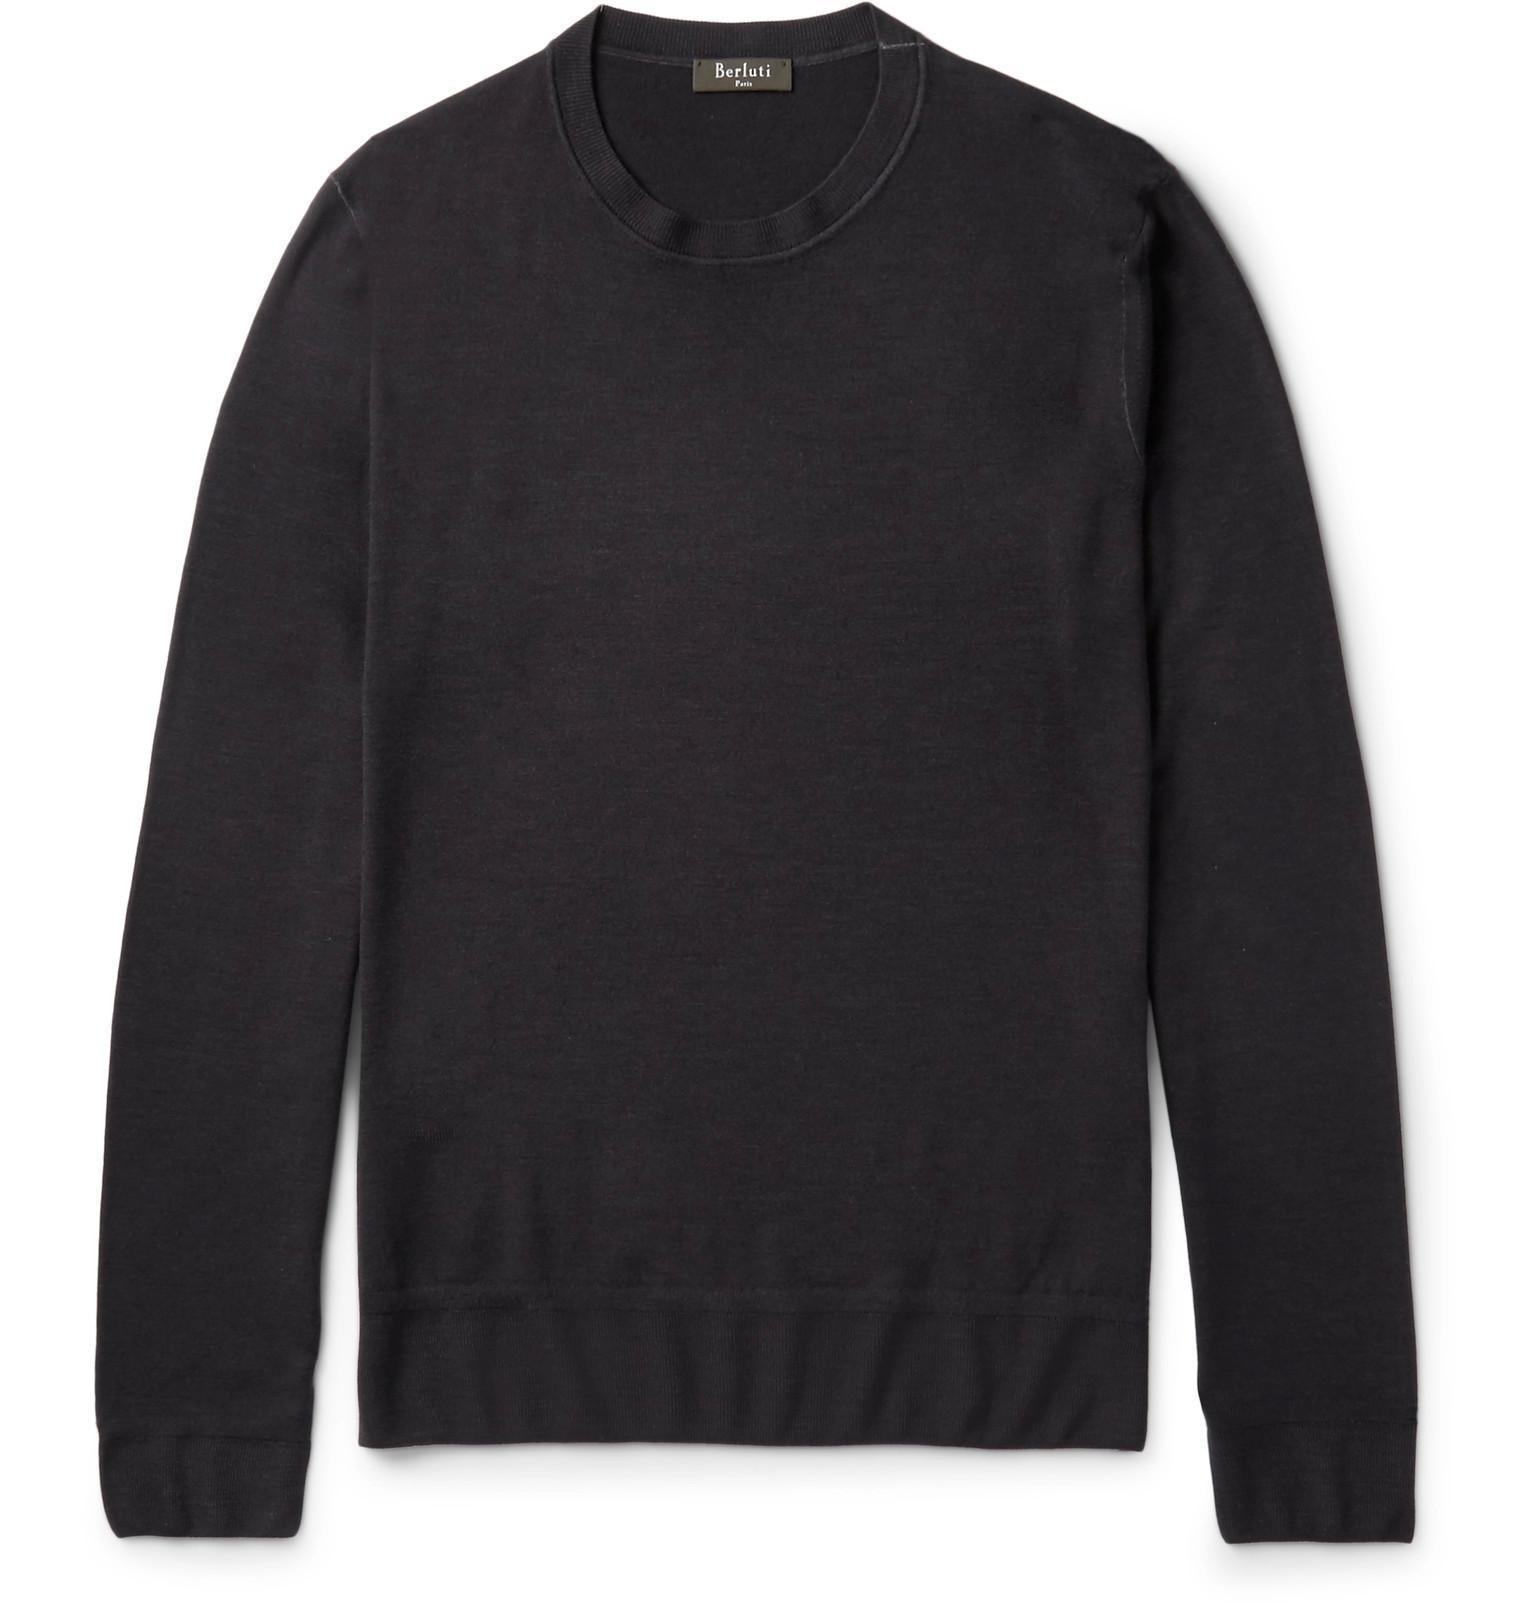 For Men Lyst Berluti Wool Black Fullscreen View Sweater PvnU7vt8Fq